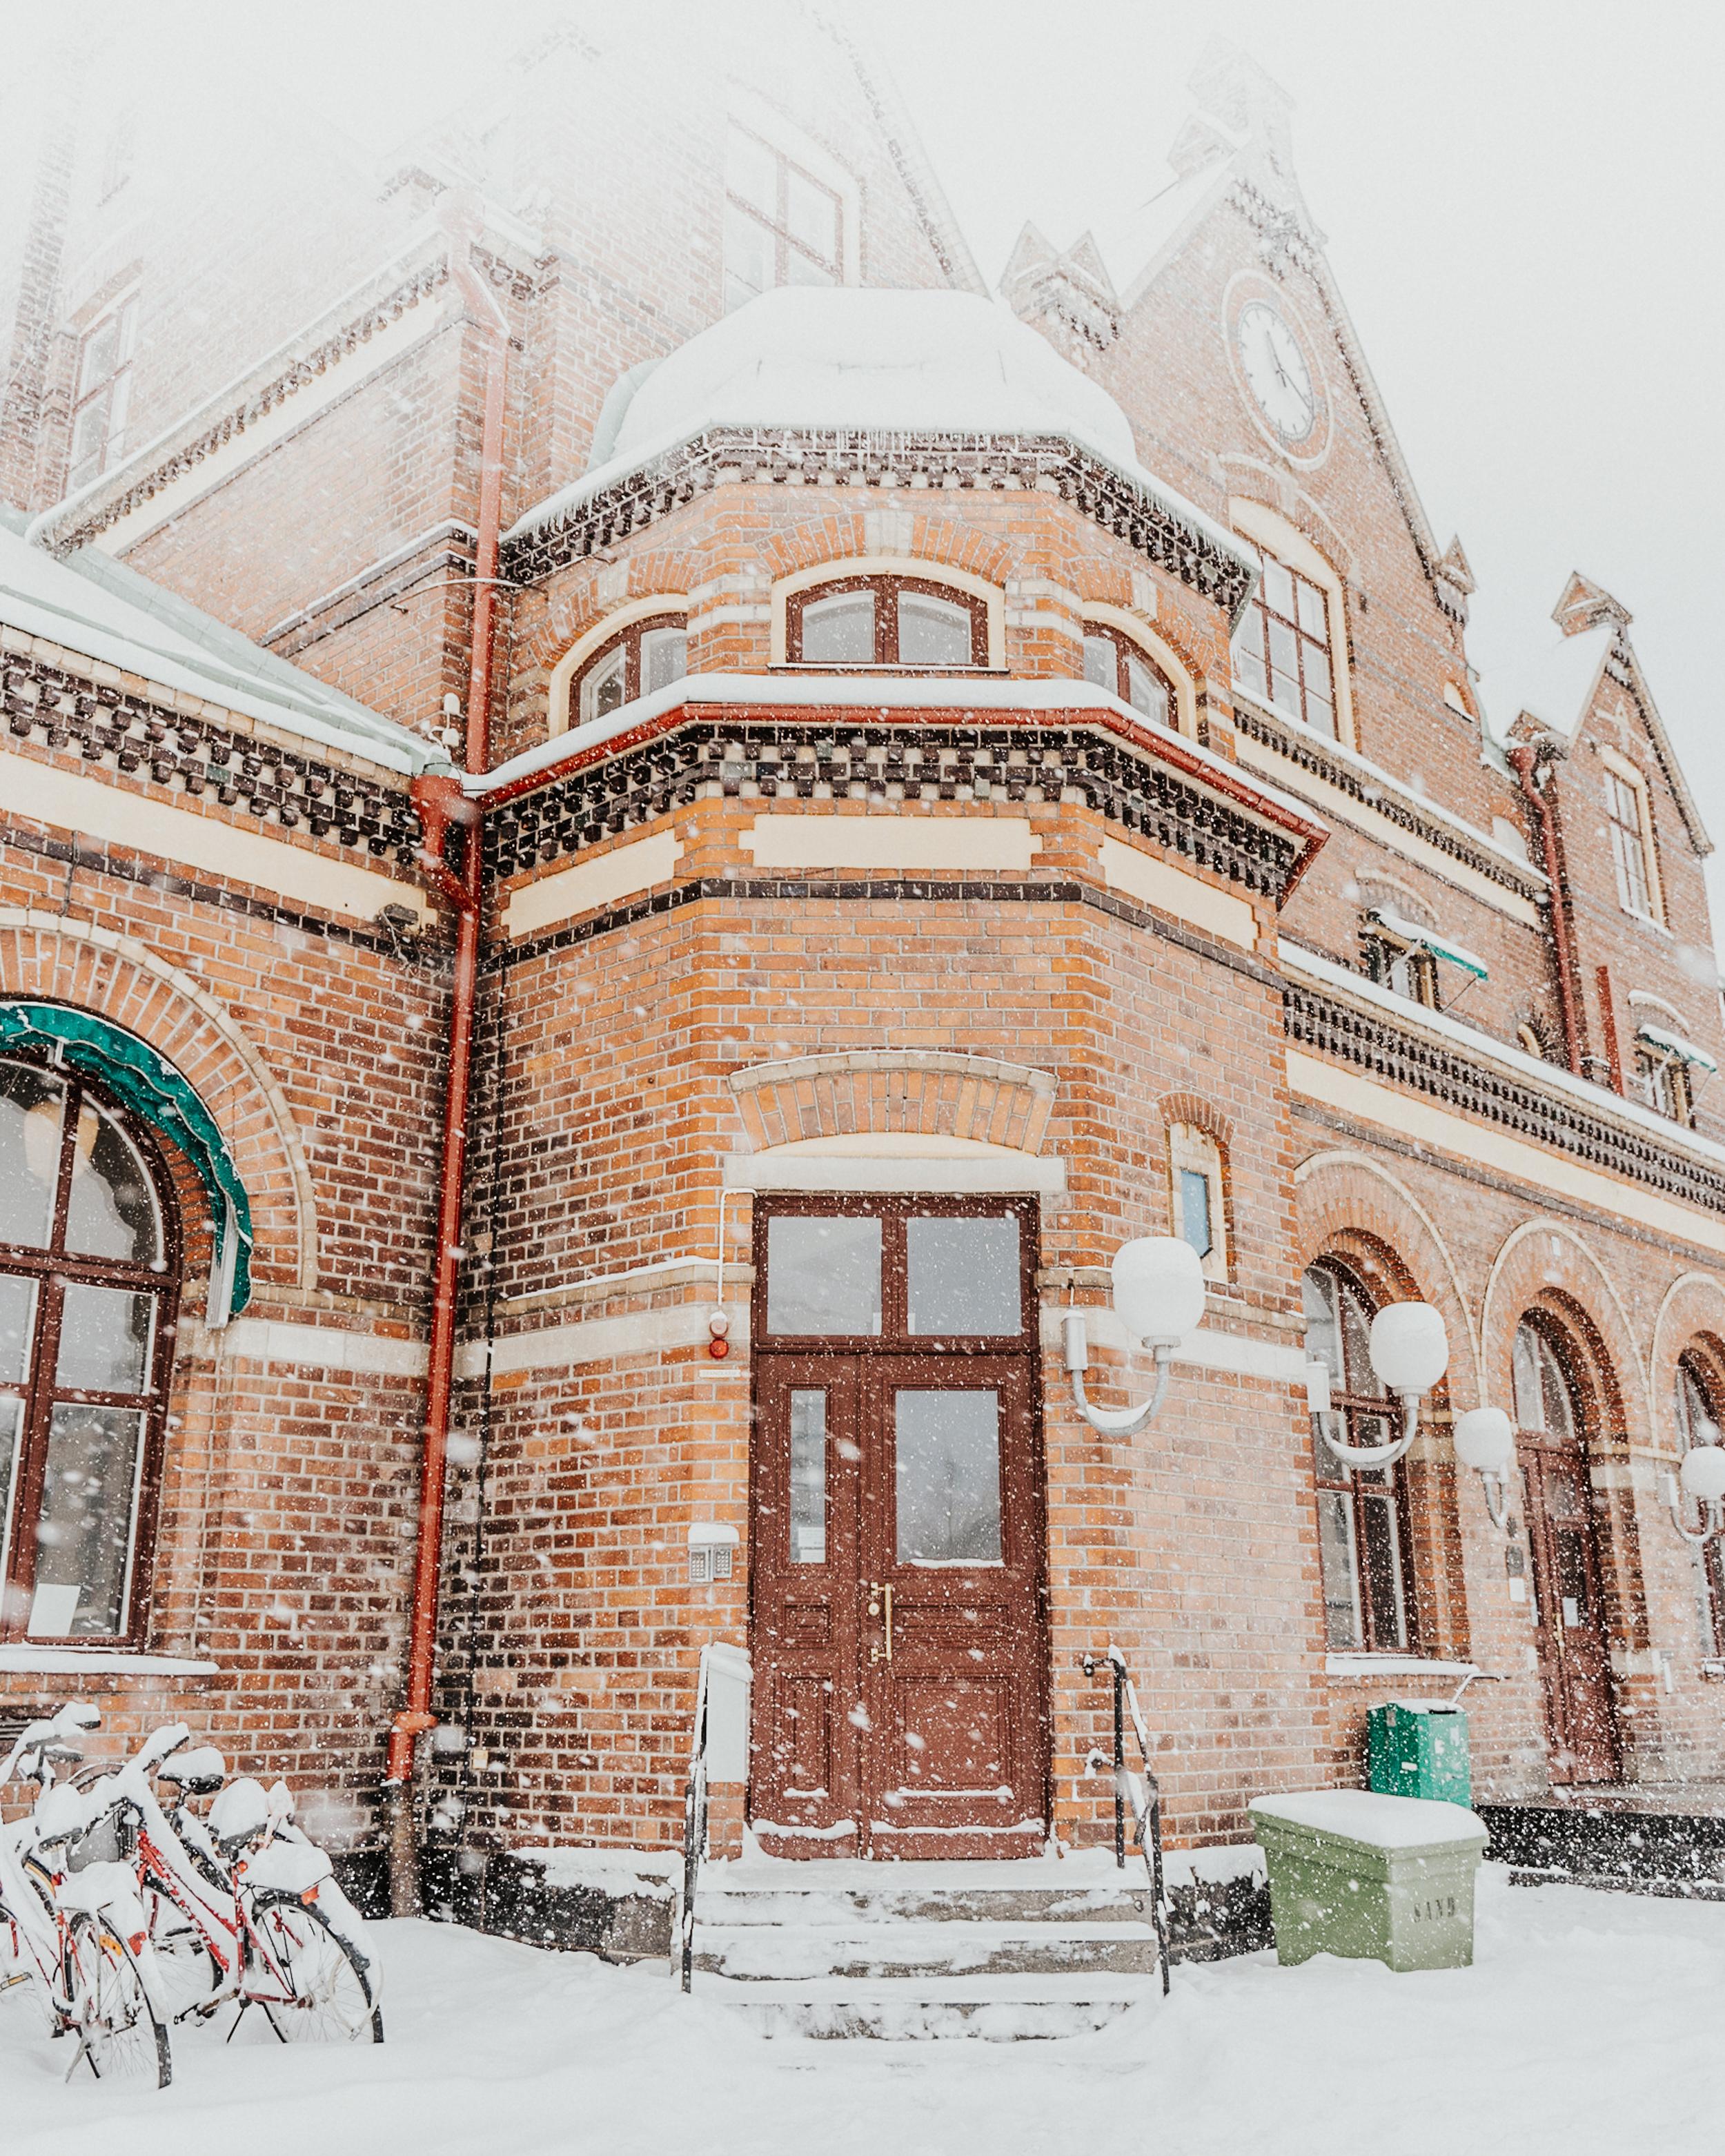 Umeå stationshus, uppfört år 1896.